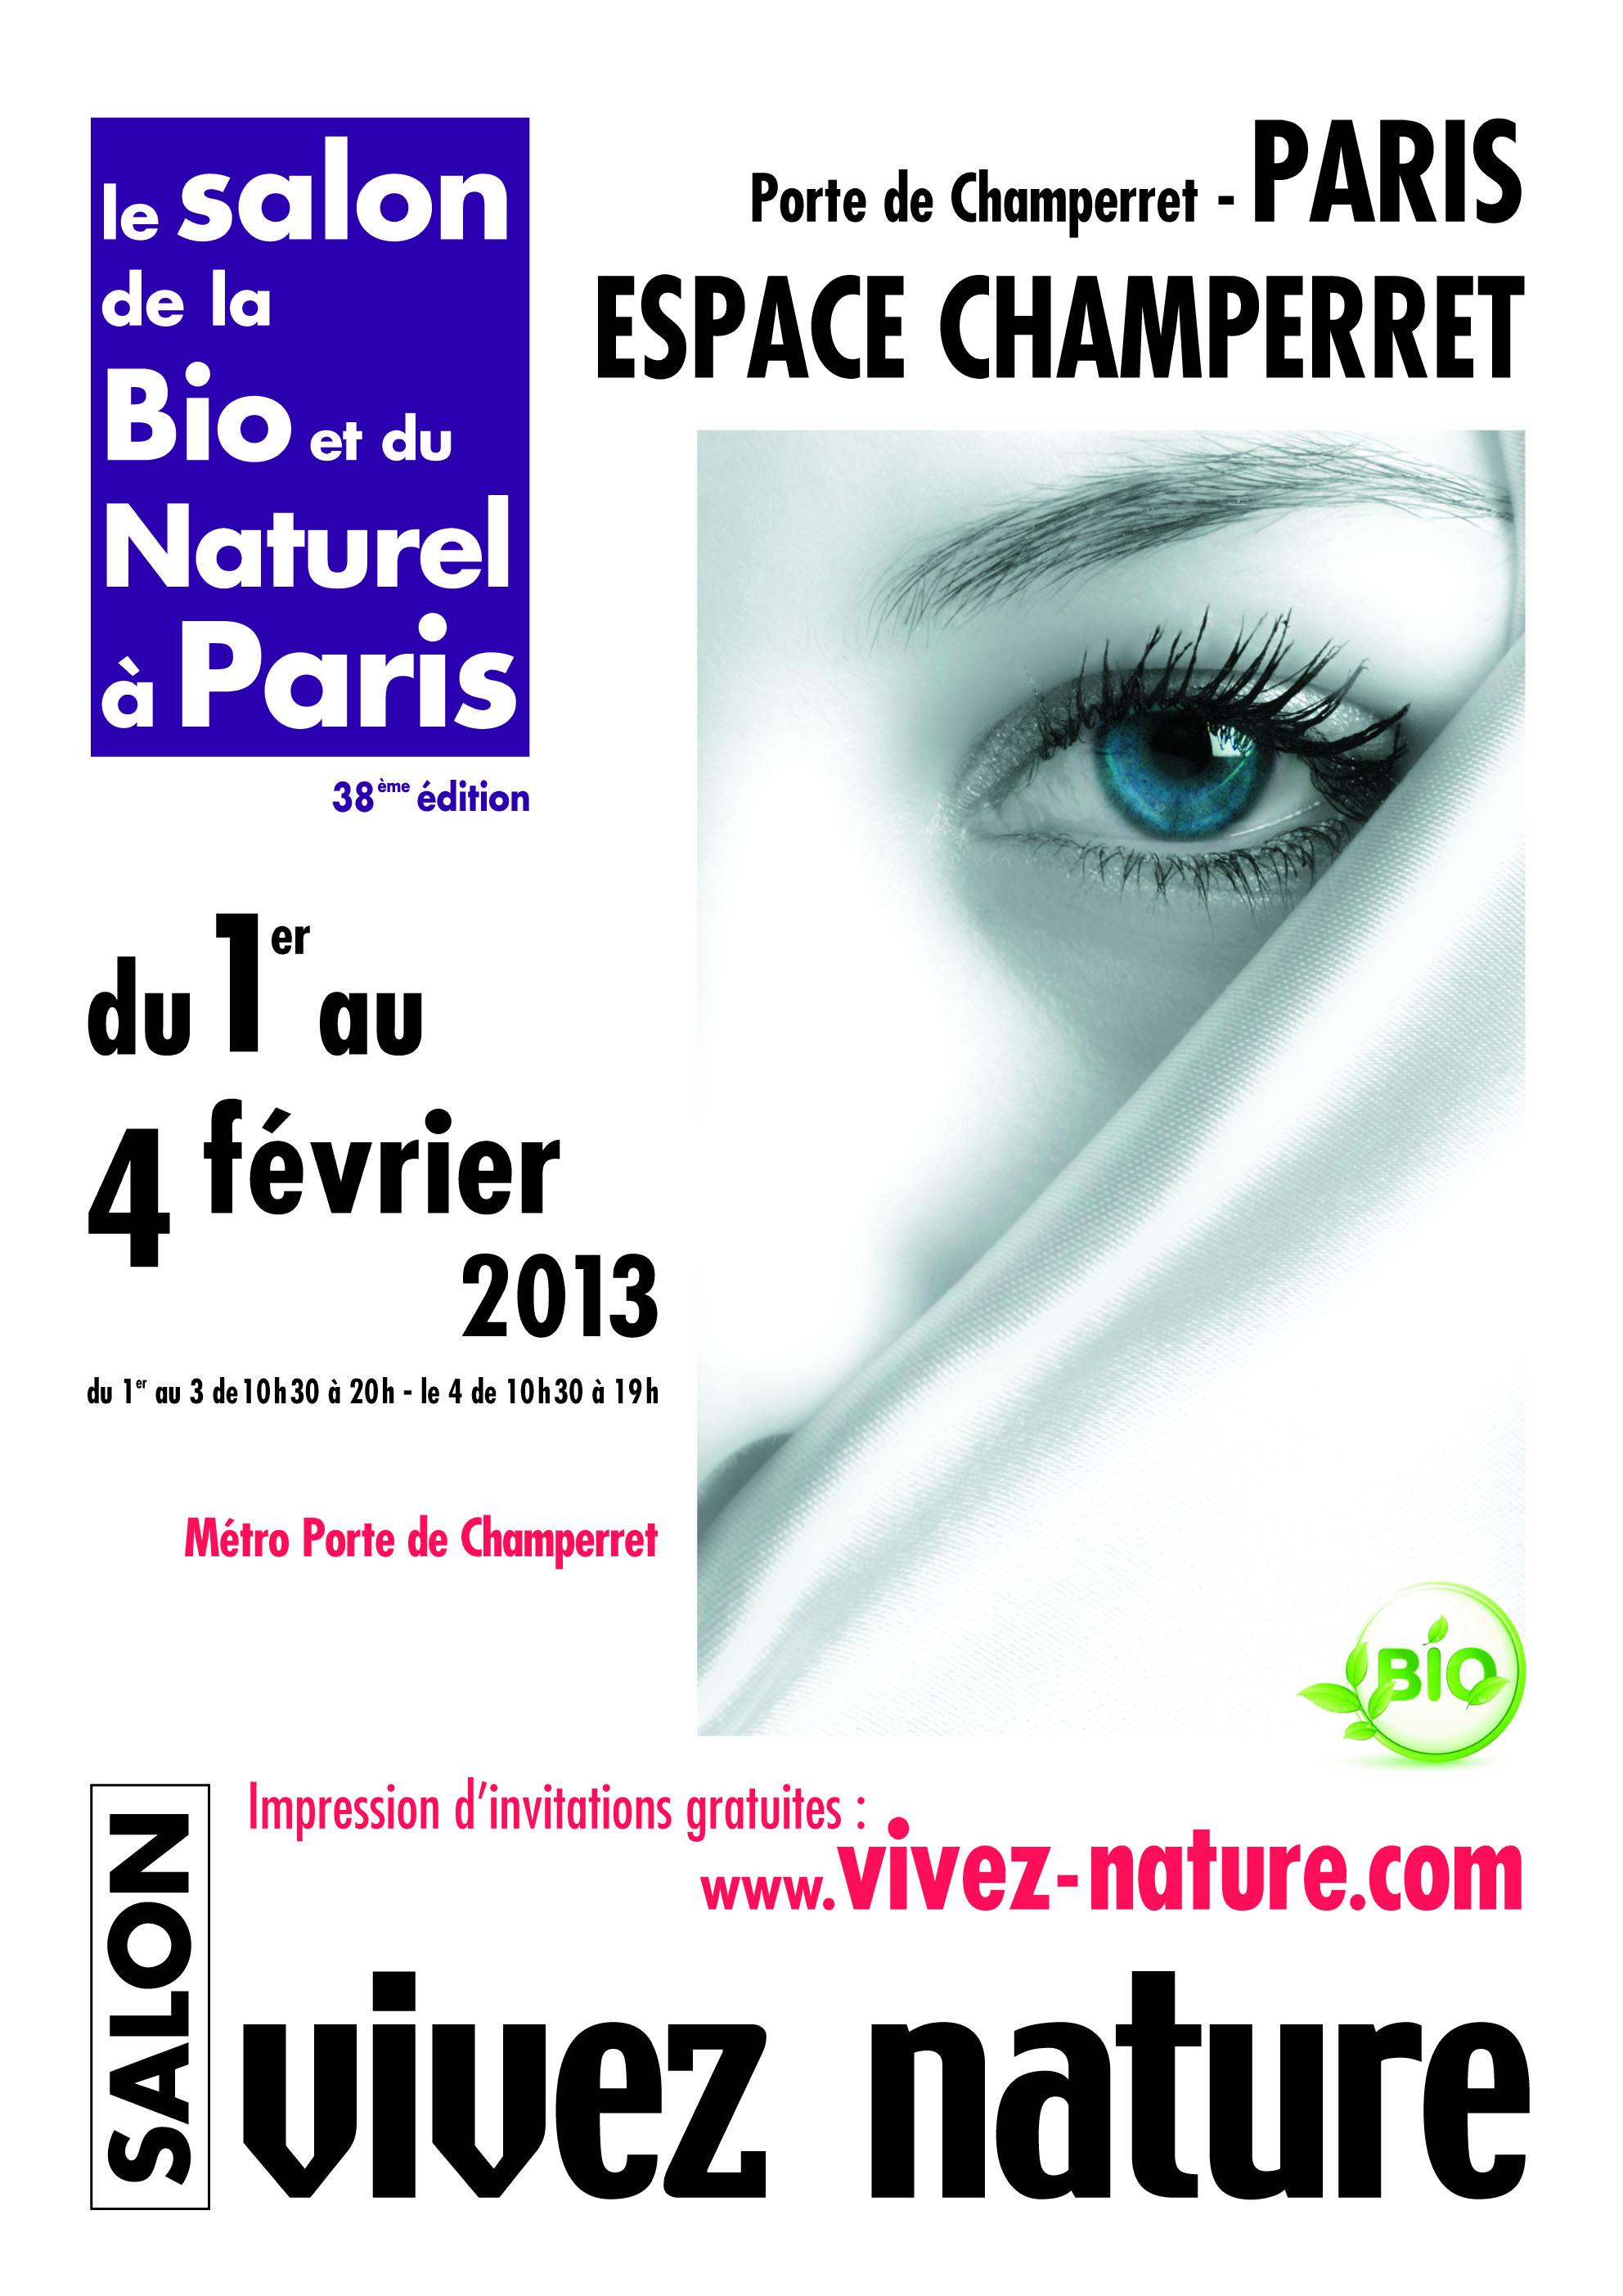 Vivez Nature 2013